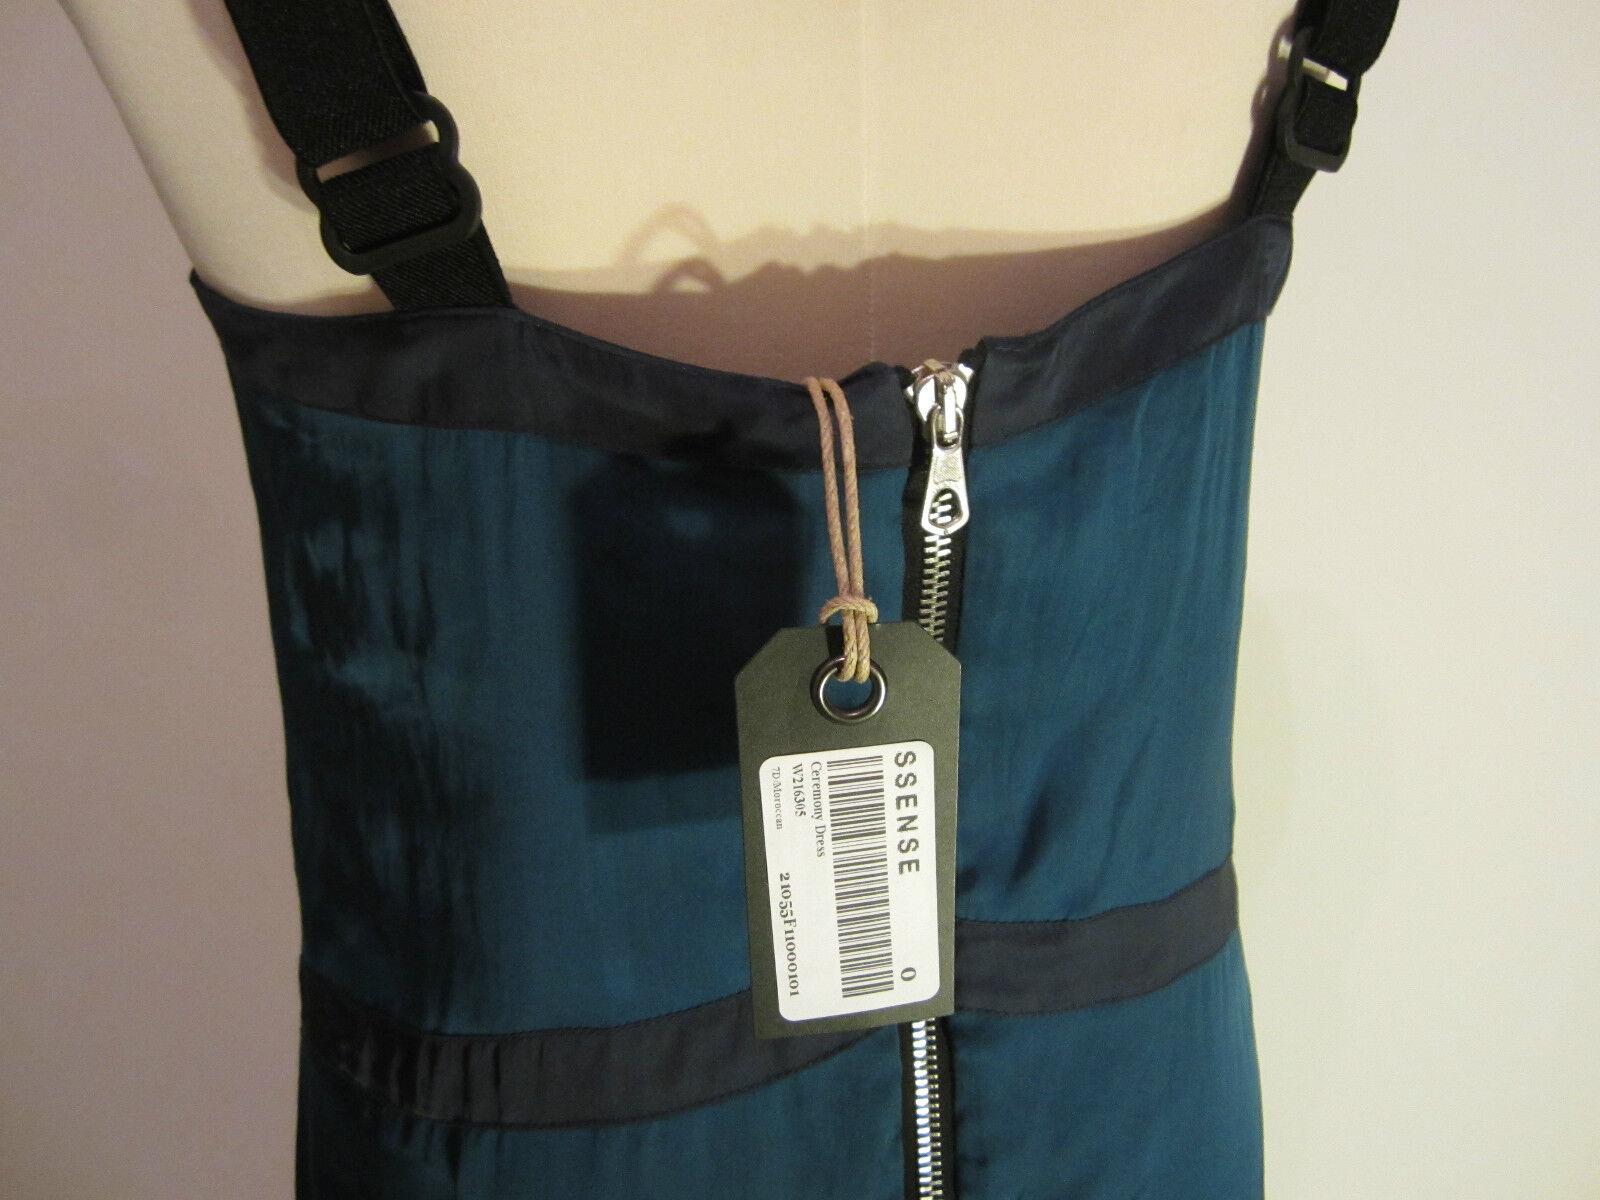 NEW NWT RAG & BONE Women's Formal Dress Size Size Size 0 bluee Ceremony GORGEOUS Minty   80ba25